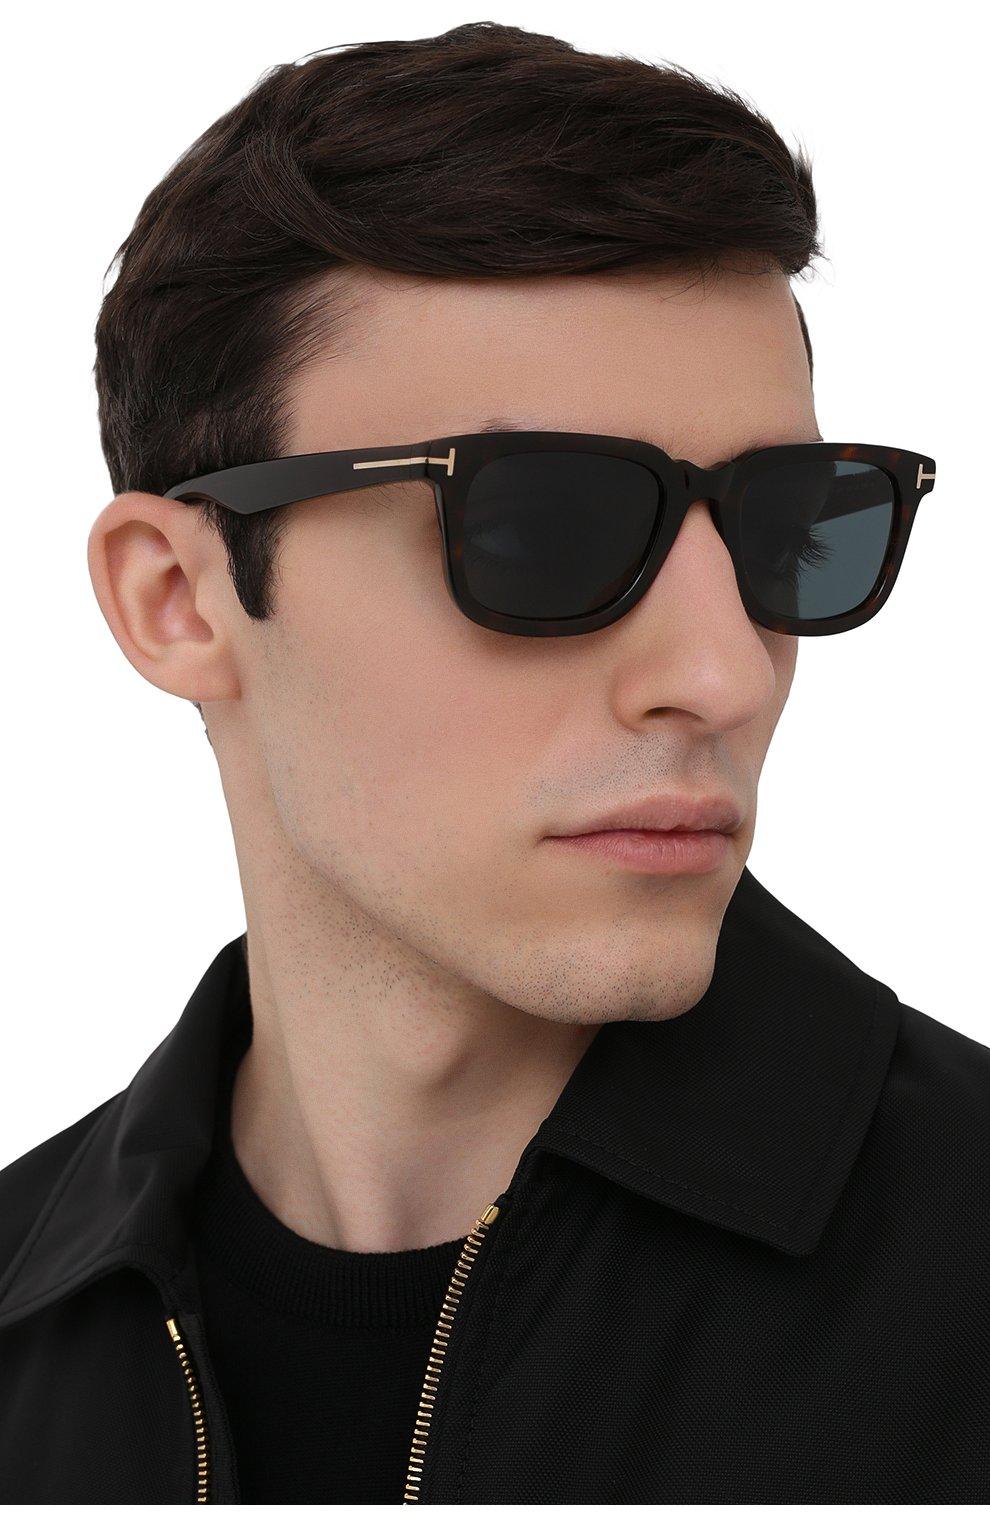 Мужские солнцезащитные очки TOM FORD коричневого цвета, арт. TF817 52V 53 | Фото 2